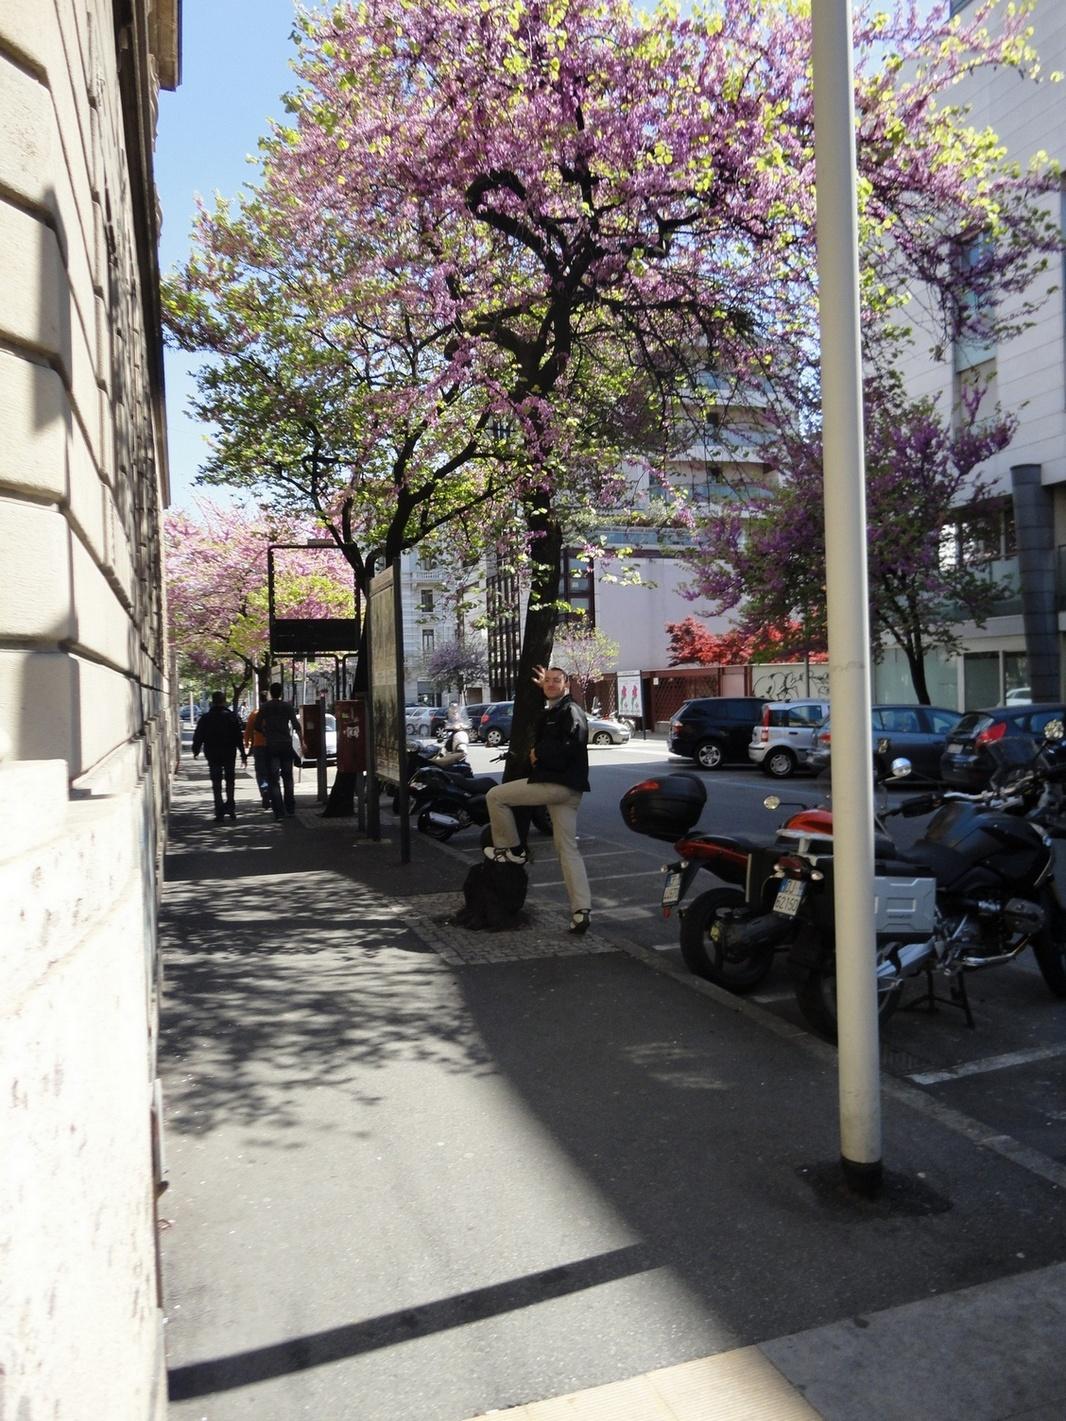 Bergamo Italy Beautiful Ambiance